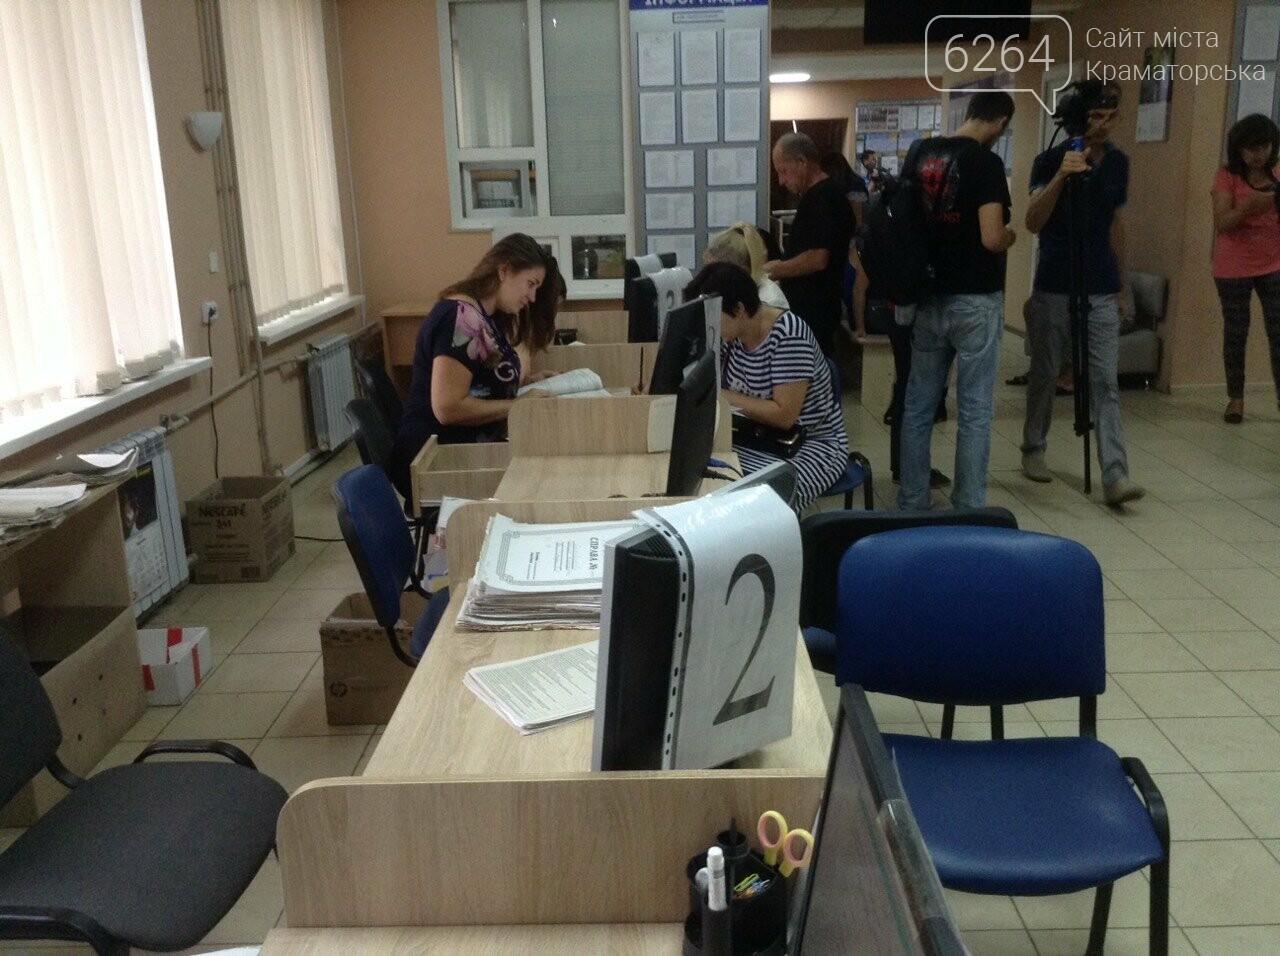 В Краматорске переназначают субсидии, фото-1